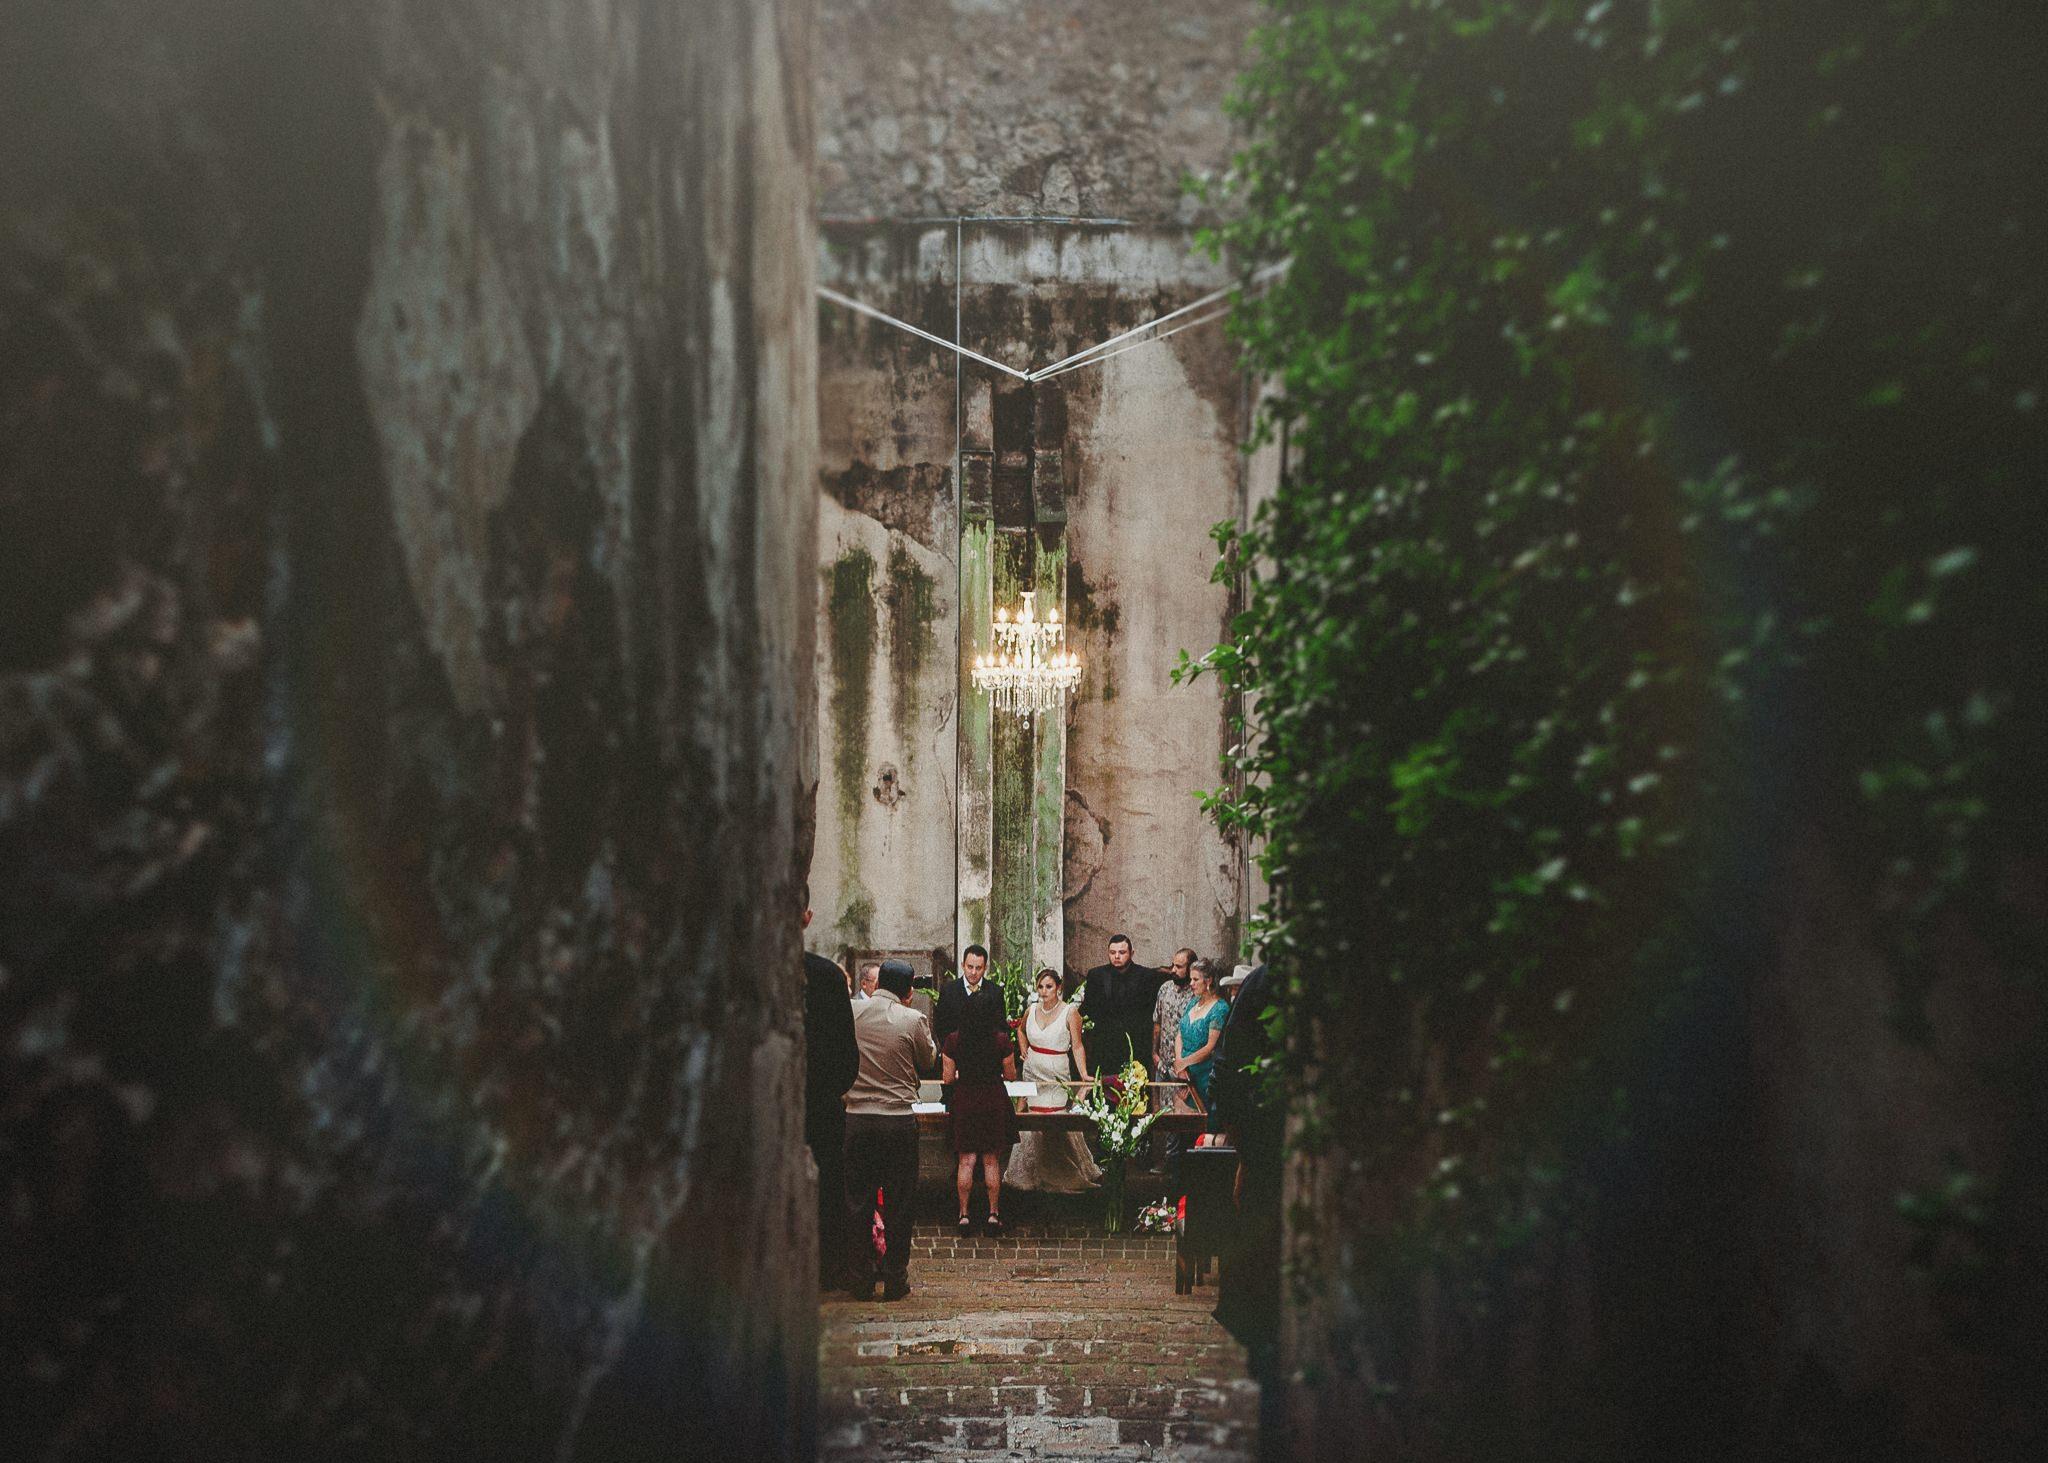 03boda-en-jardin-wedding-hacienda-los-cuartos-fotografo-luis-houdin97